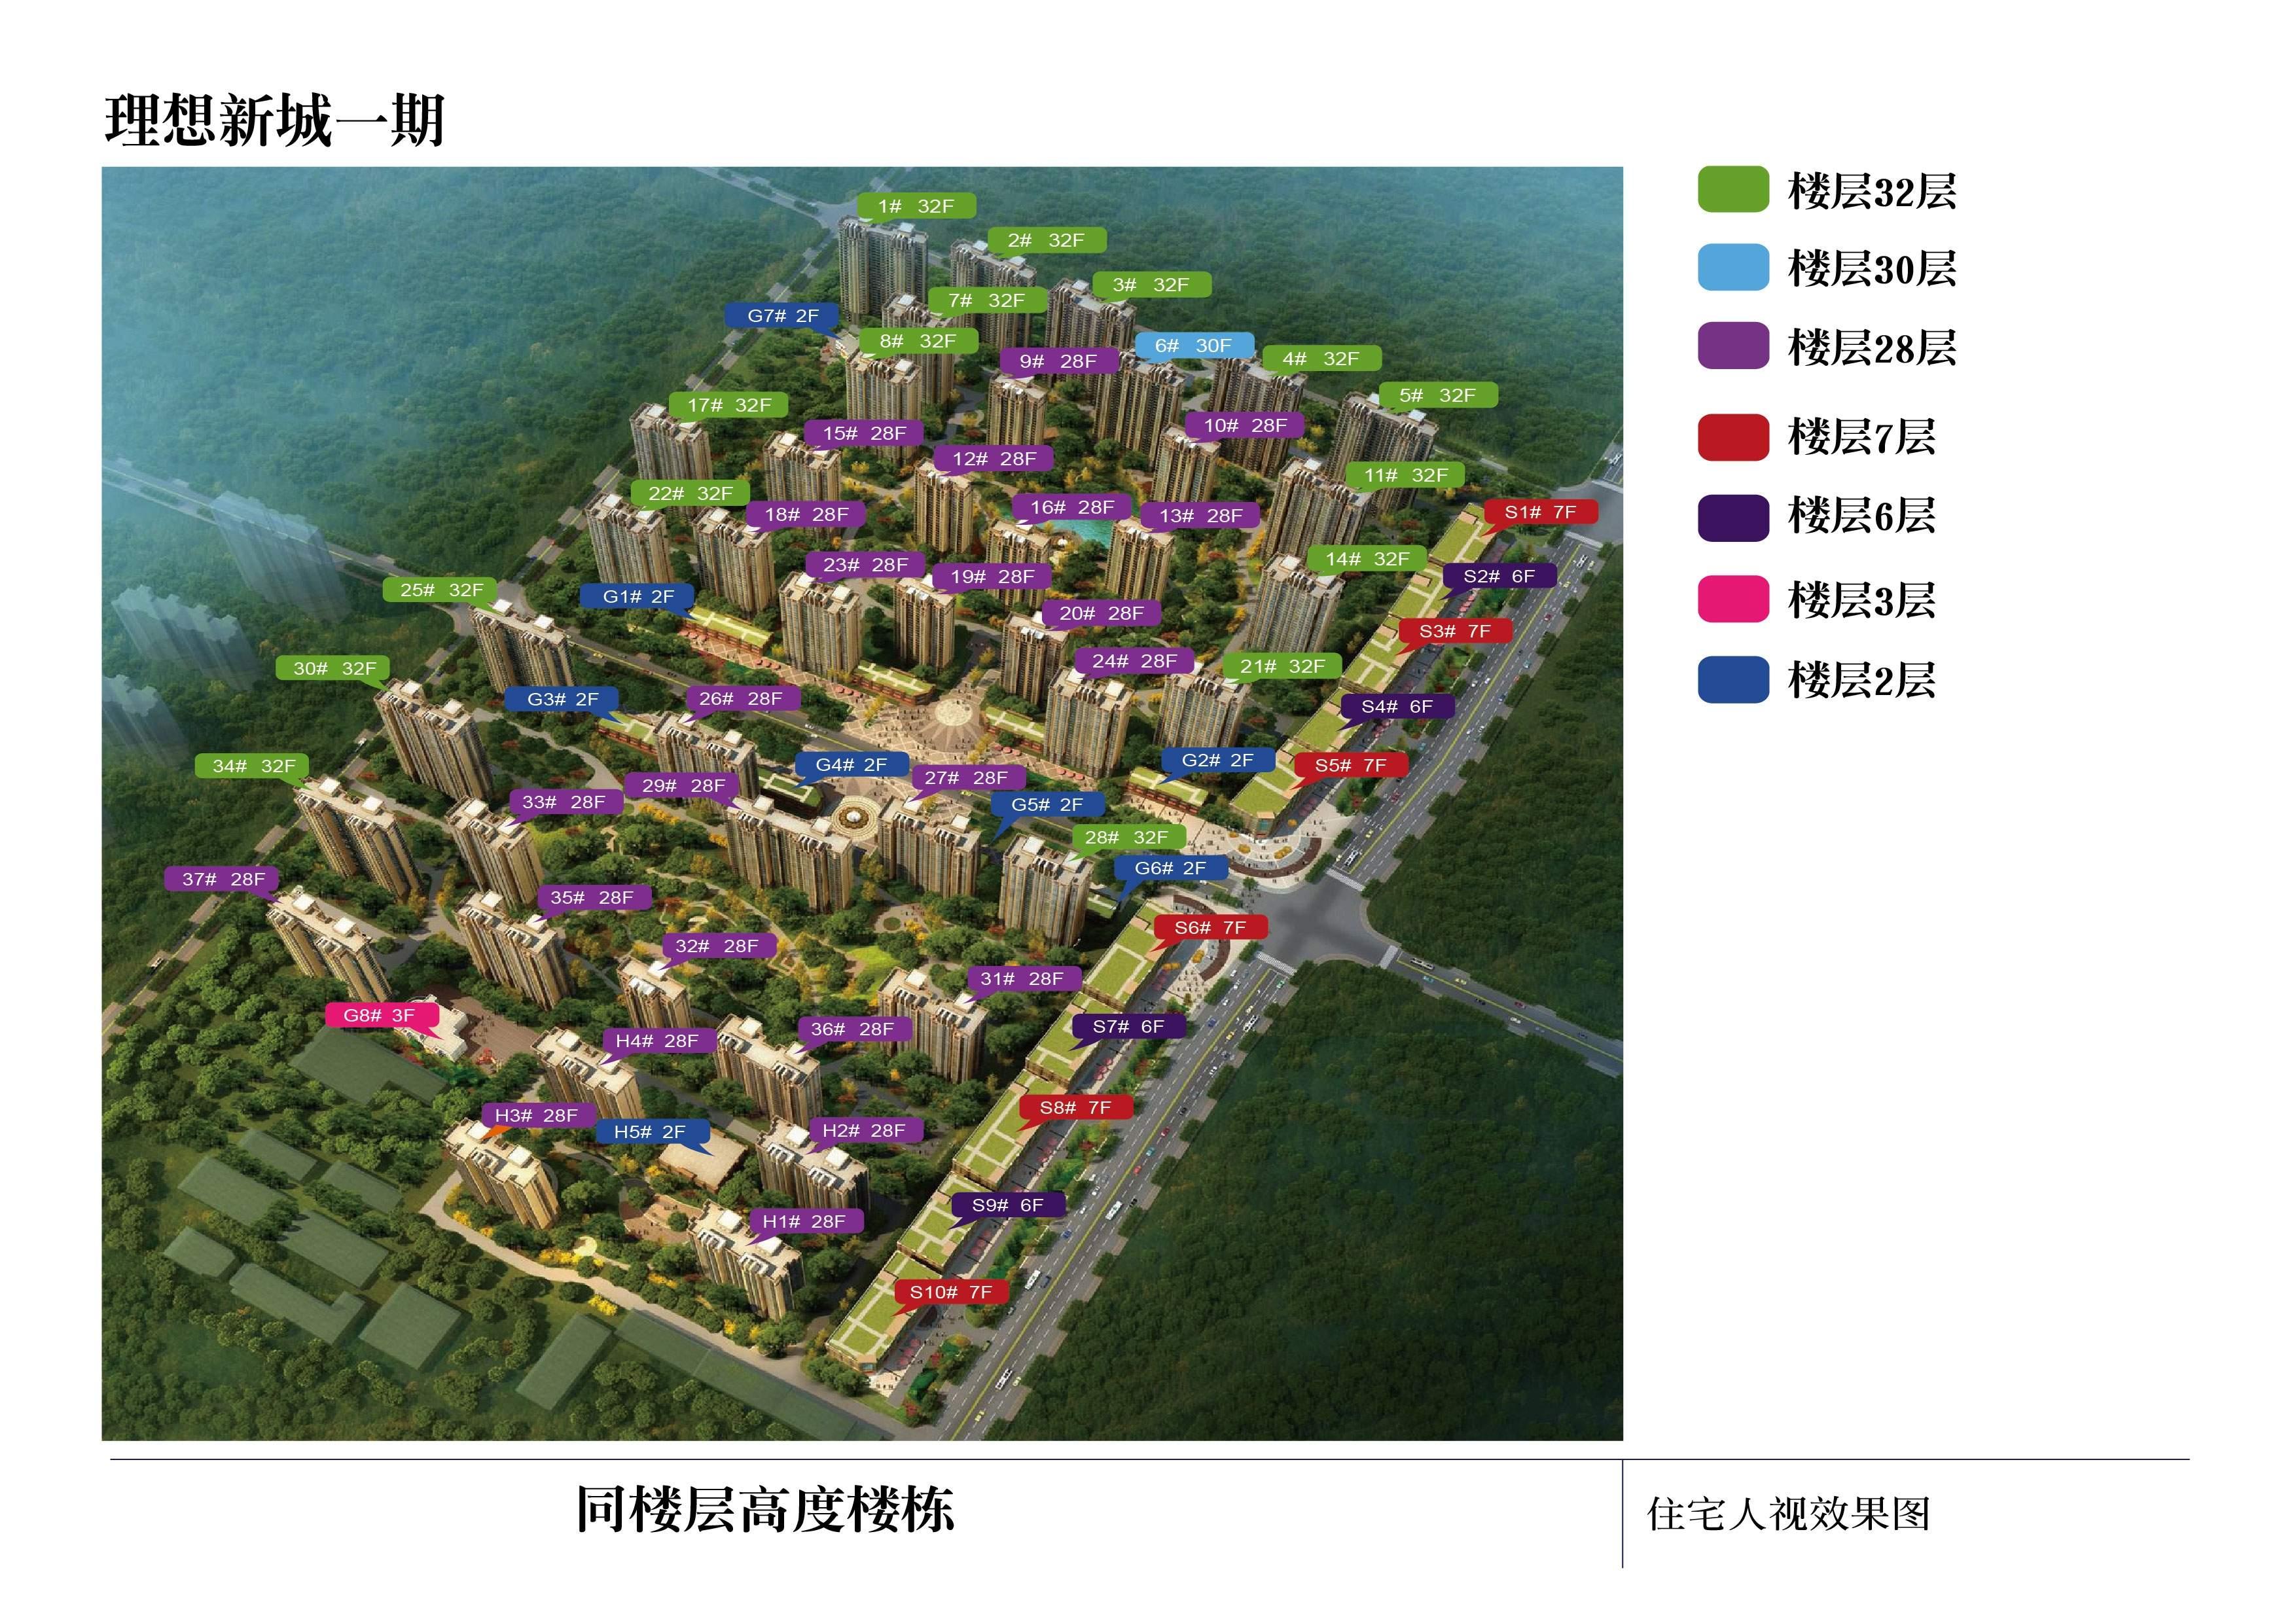 上上城理想新城位置图